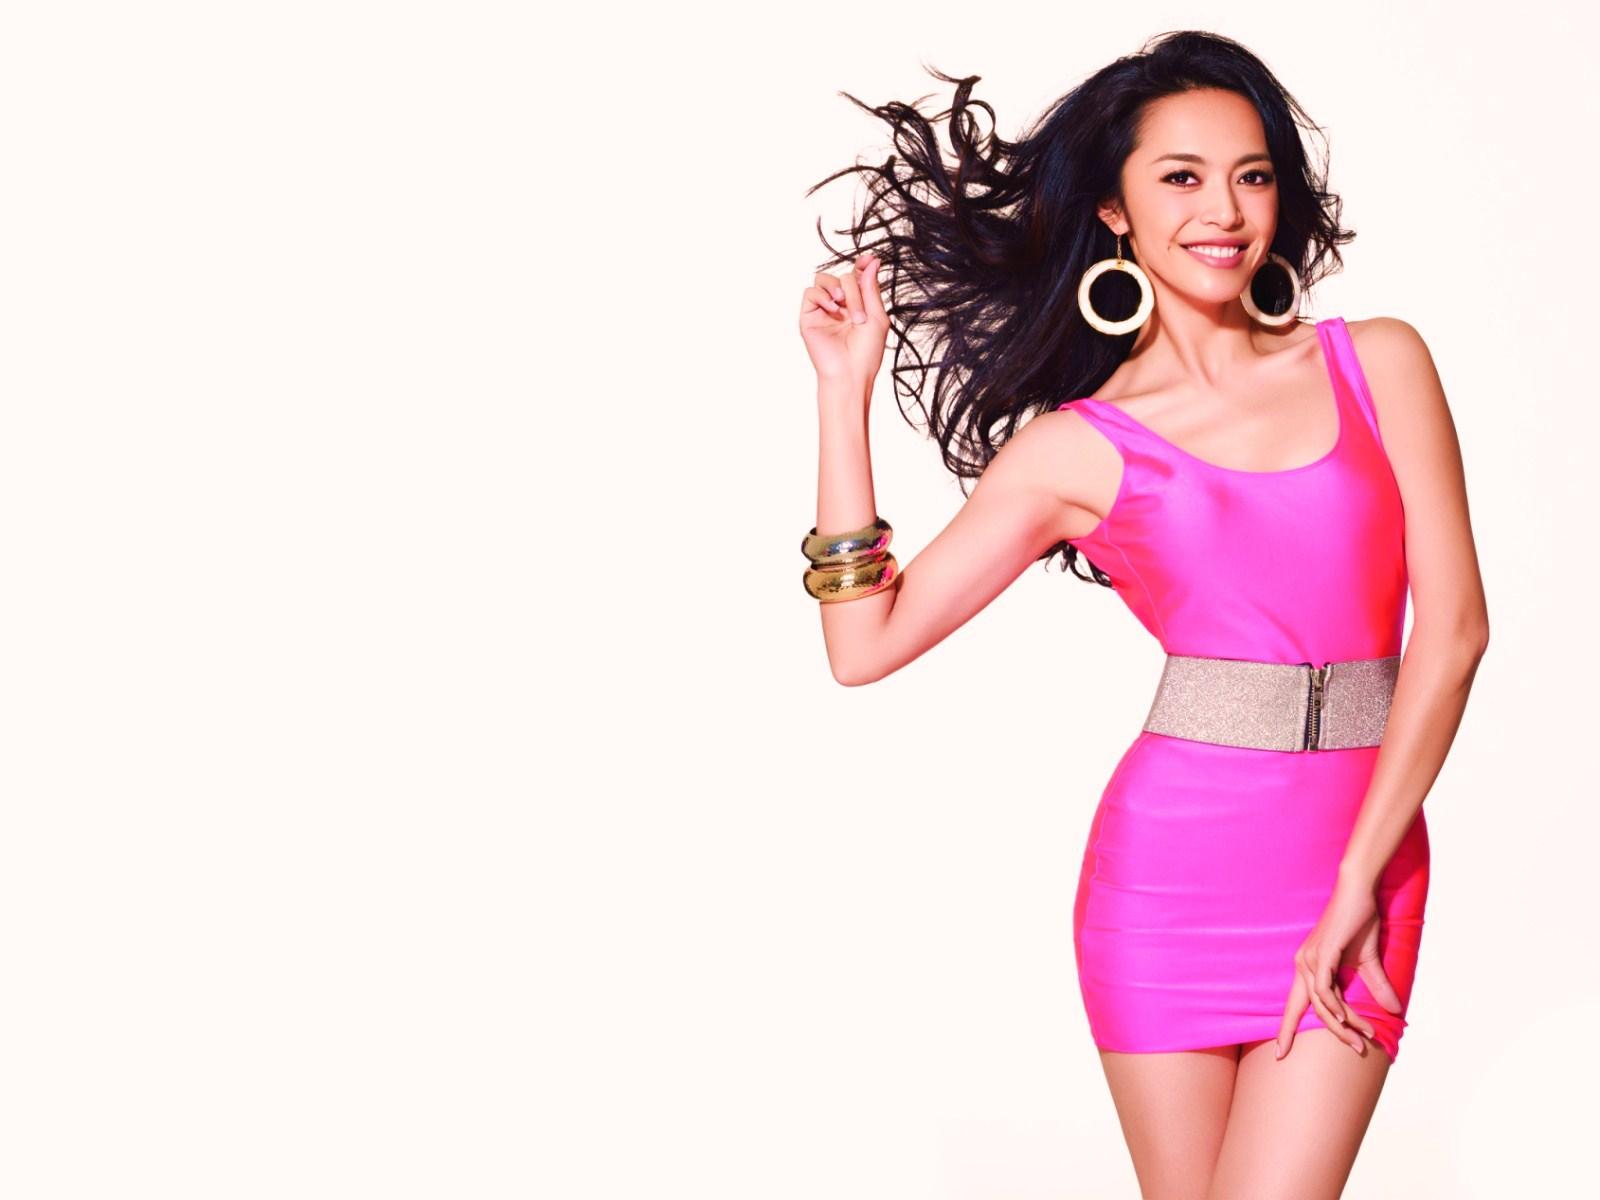 Фото азиатки в платьях 21 фотография